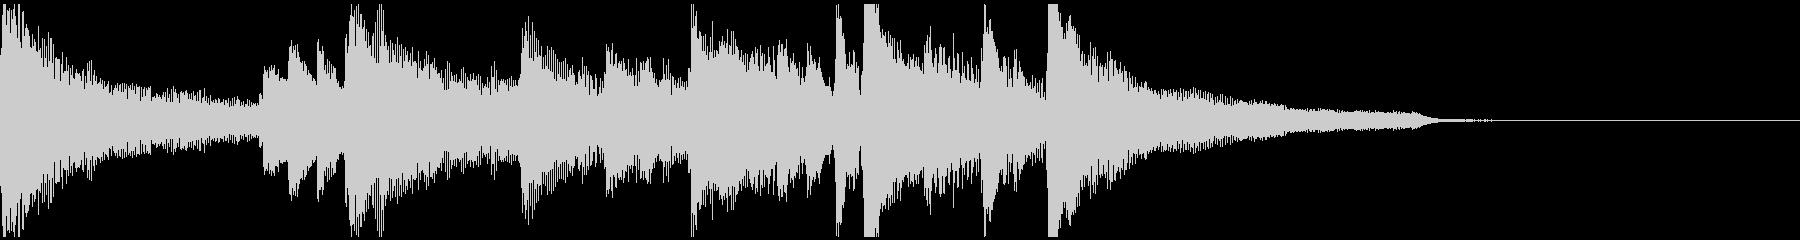 都会的なジャズピアノのジングルの未再生の波形